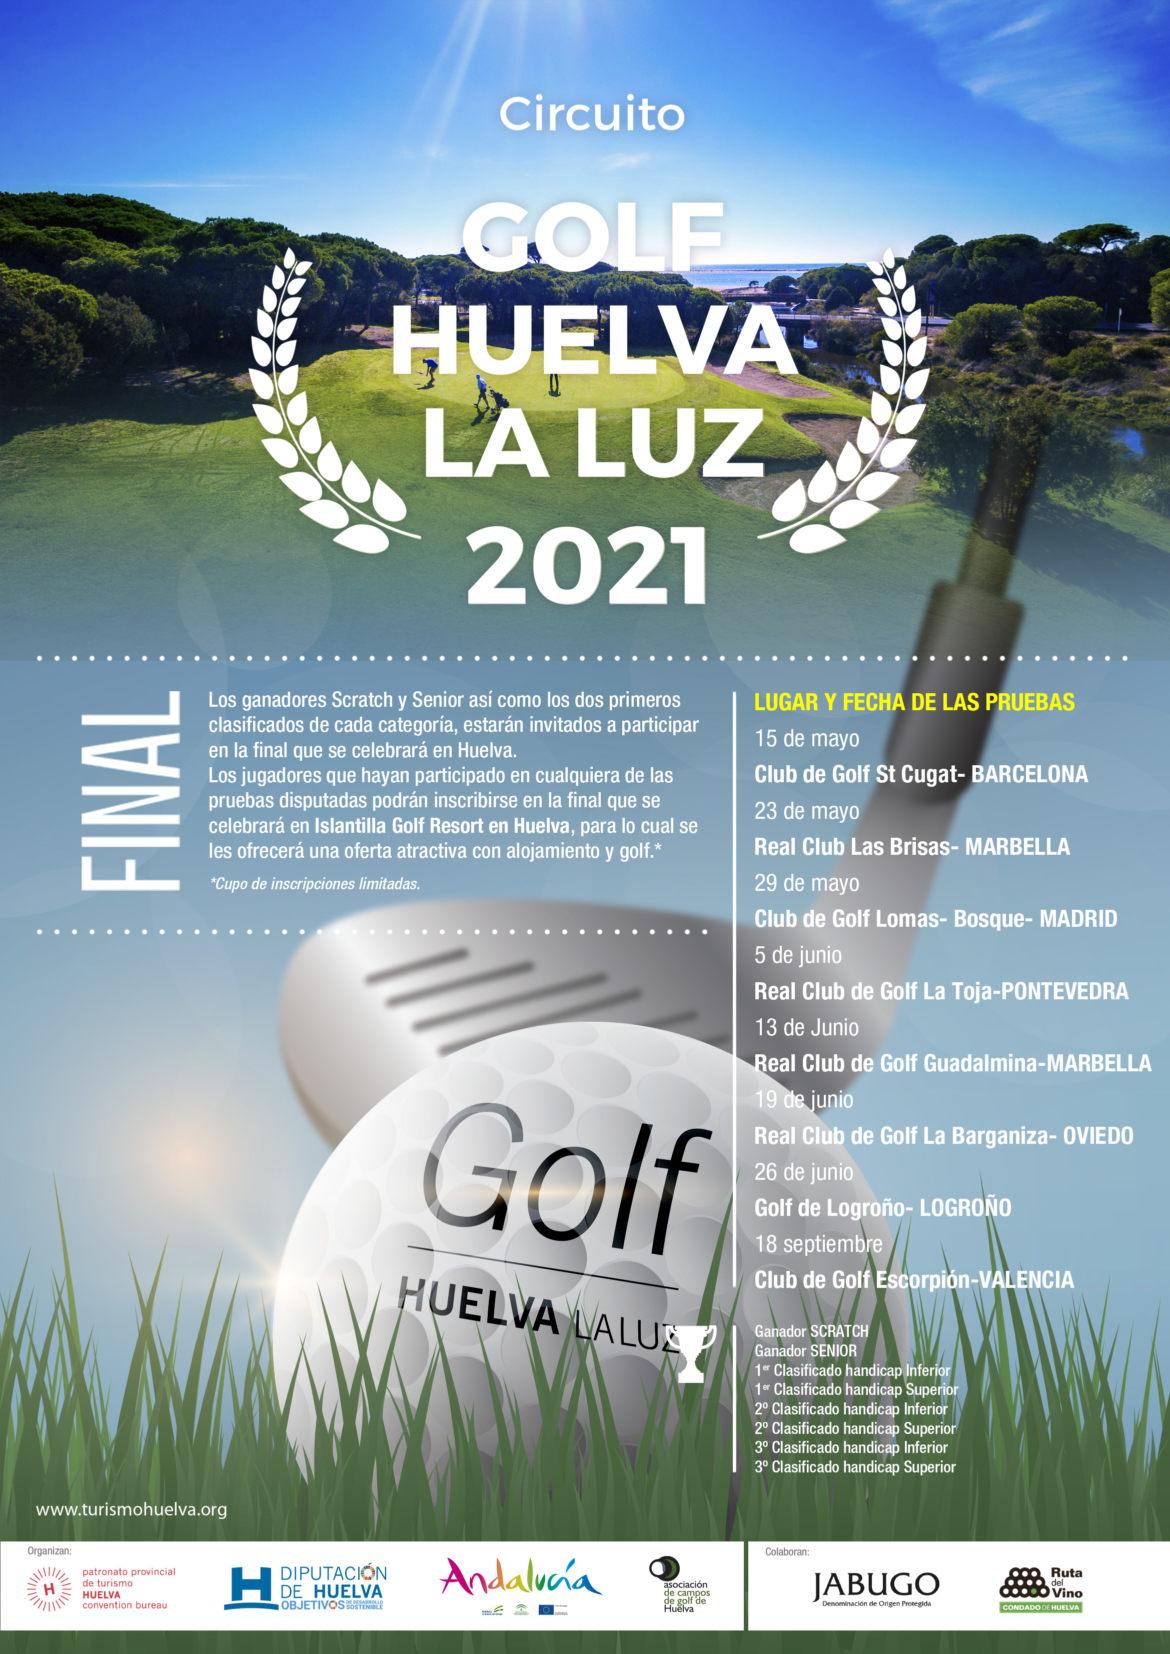 Cartel-Circuito-Golf-Huelva-la-Luz-2021.jpg